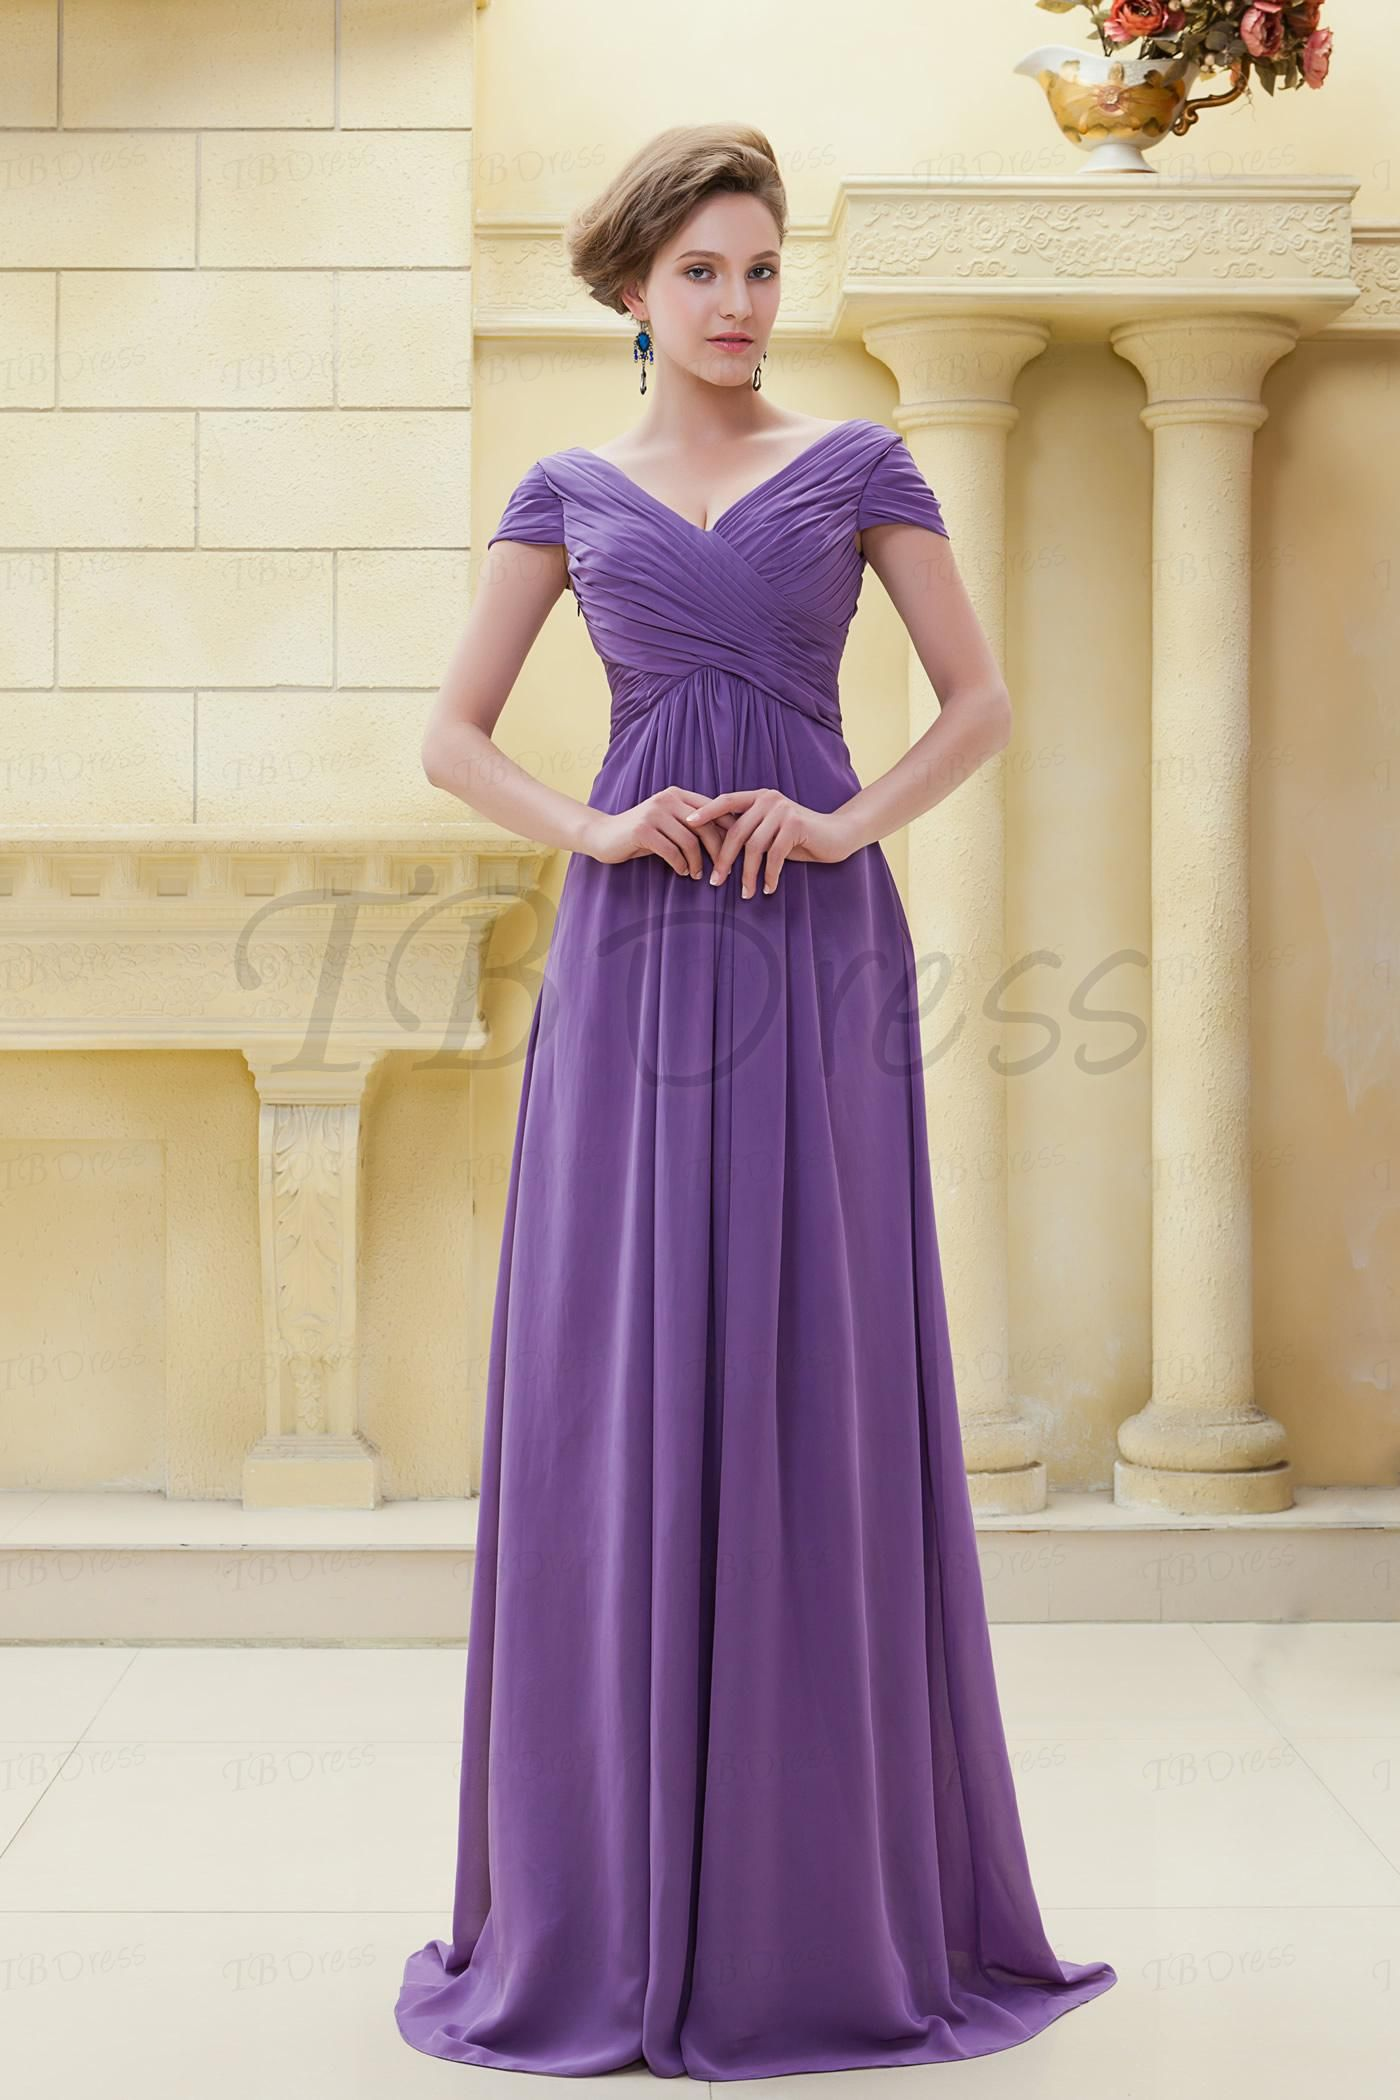 Lujoso Finsbury Vestidos De Dama De Honor Parque Inspiración ...